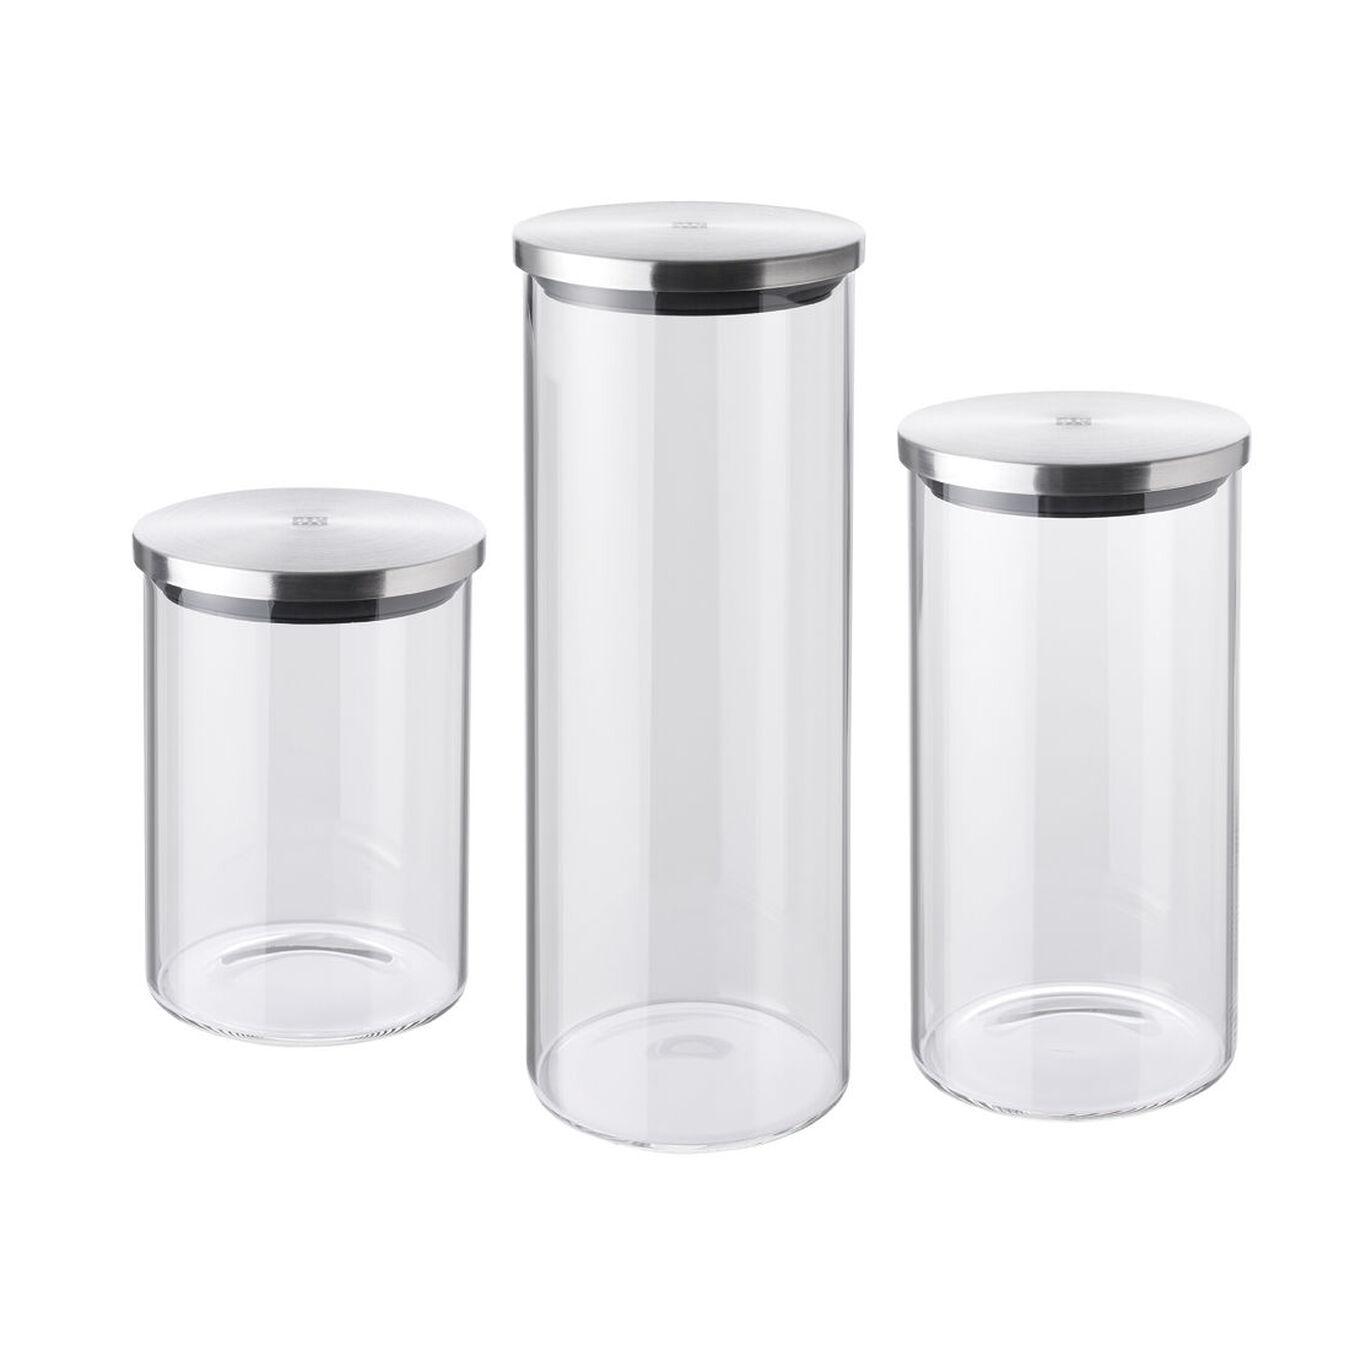 Storage jar,,large 1